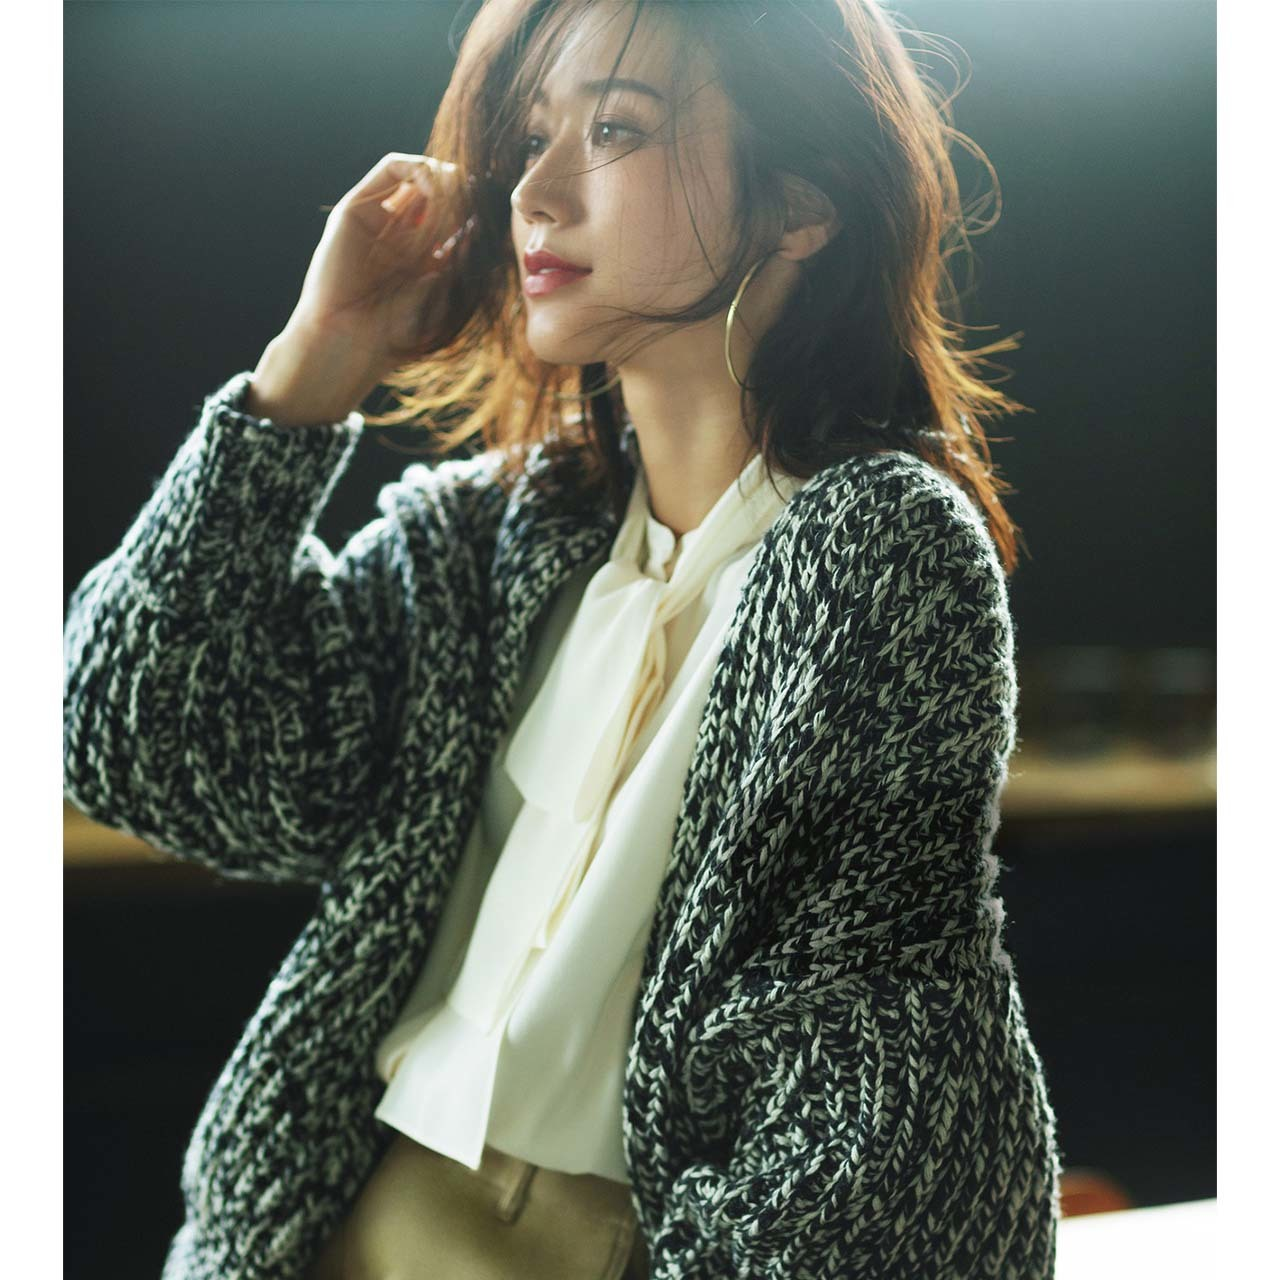 カーディガン×シルク見えブラウスコーデを着たモデルの牧野紗弥さん